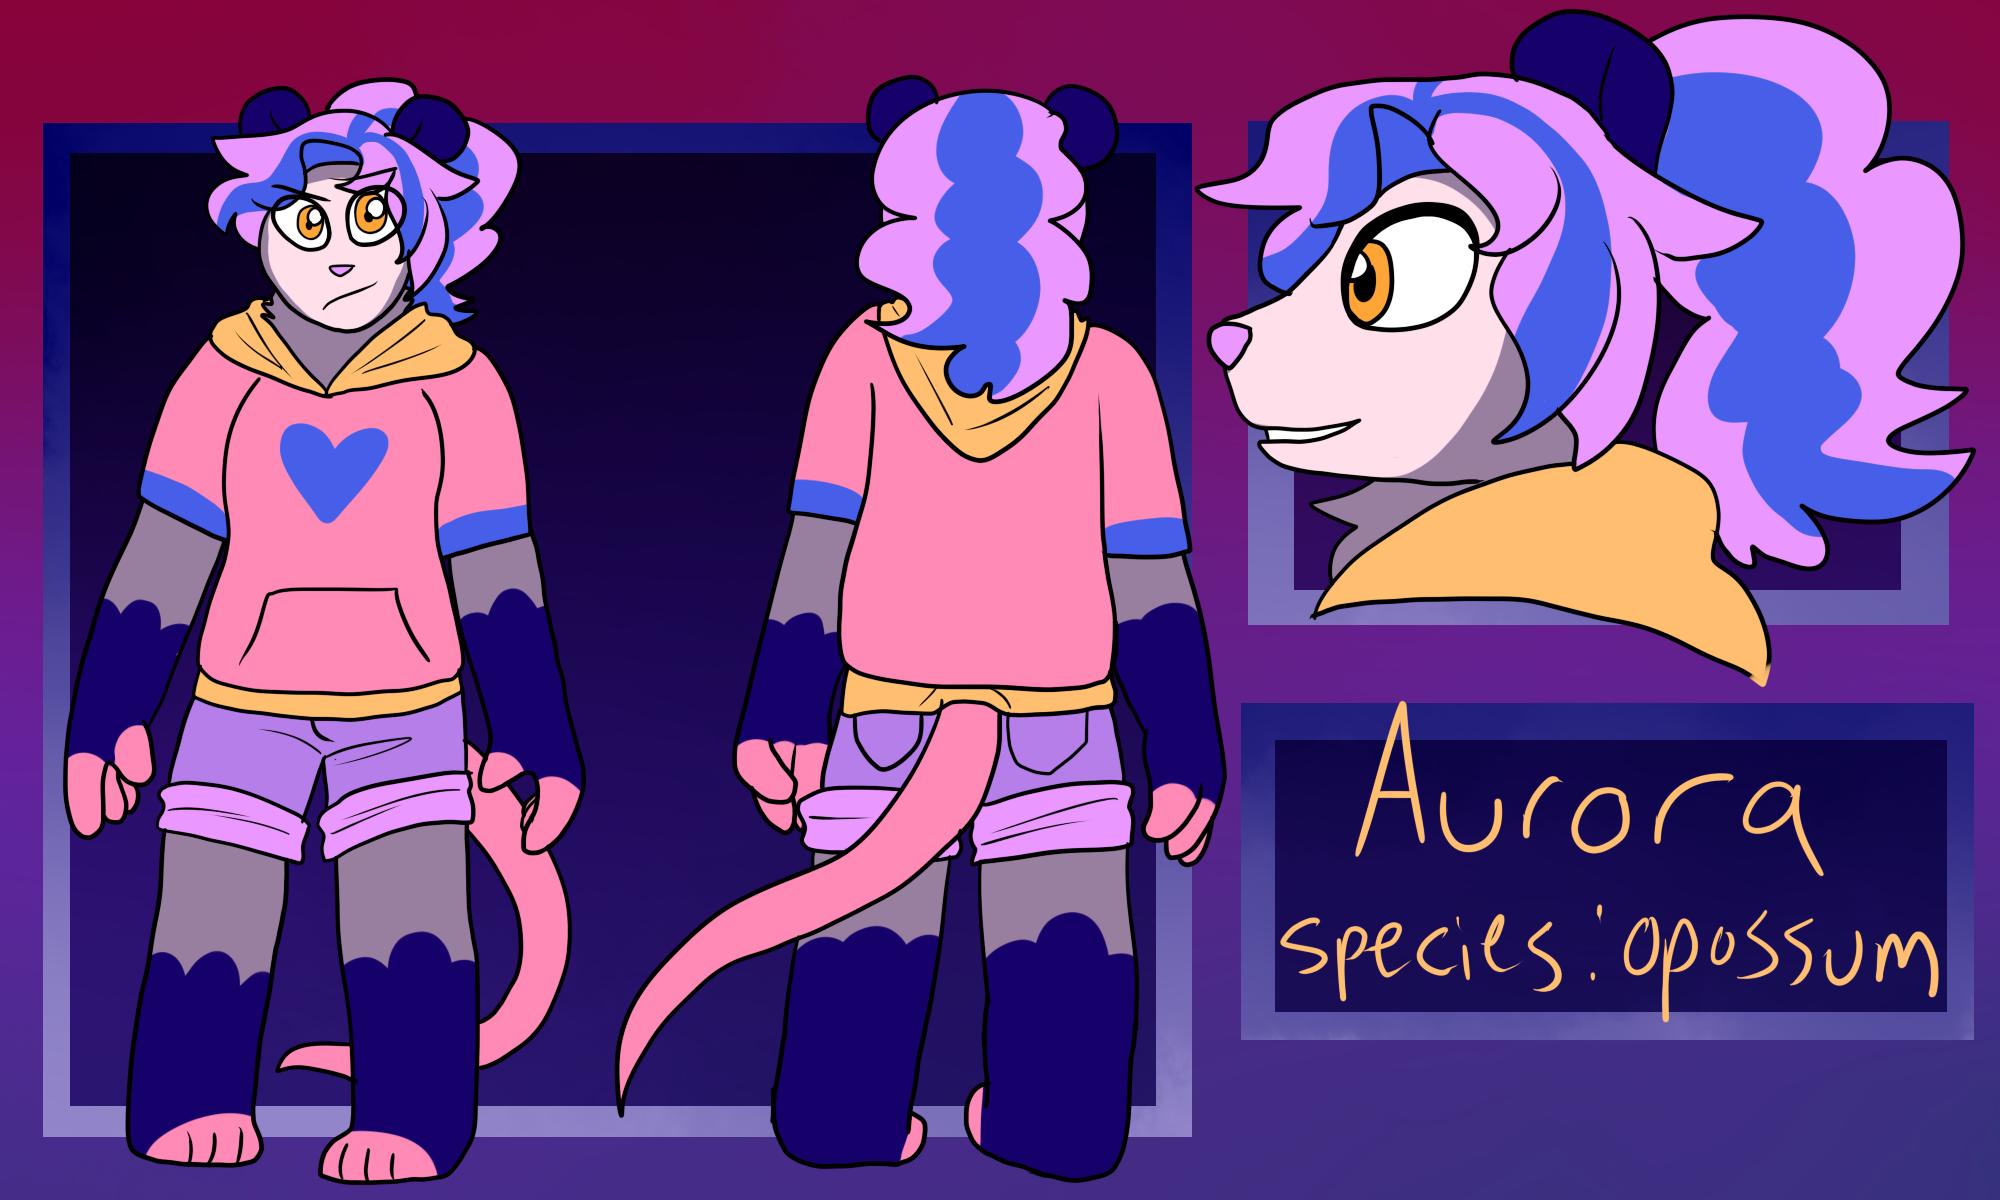 Aurora Reff